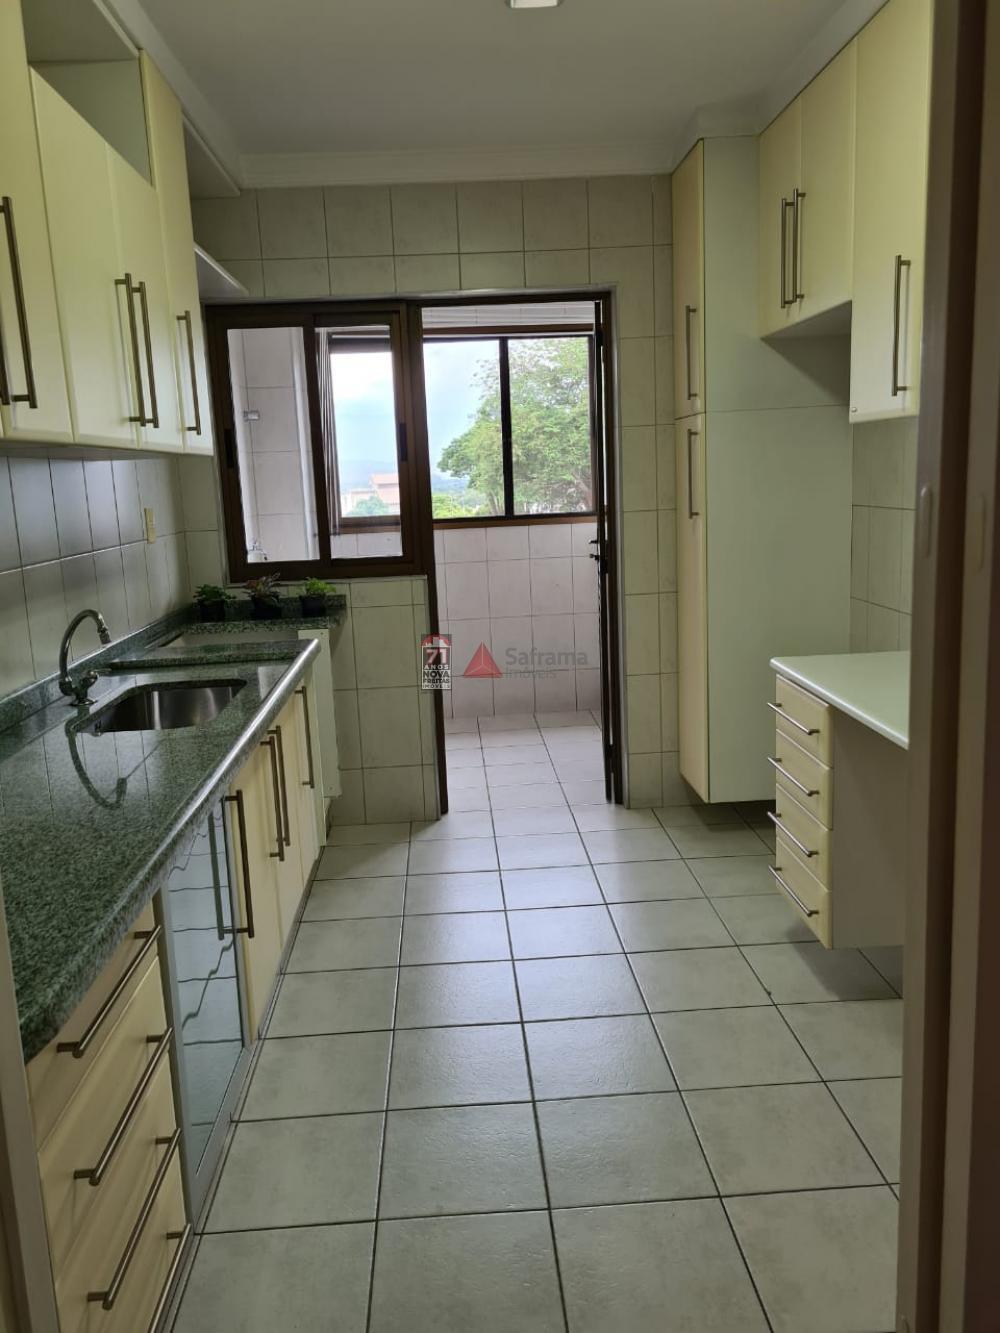 Comprar Apartamento / Padrão em Pindamonhangaba apenas R$ 430.000,00 - Foto 10